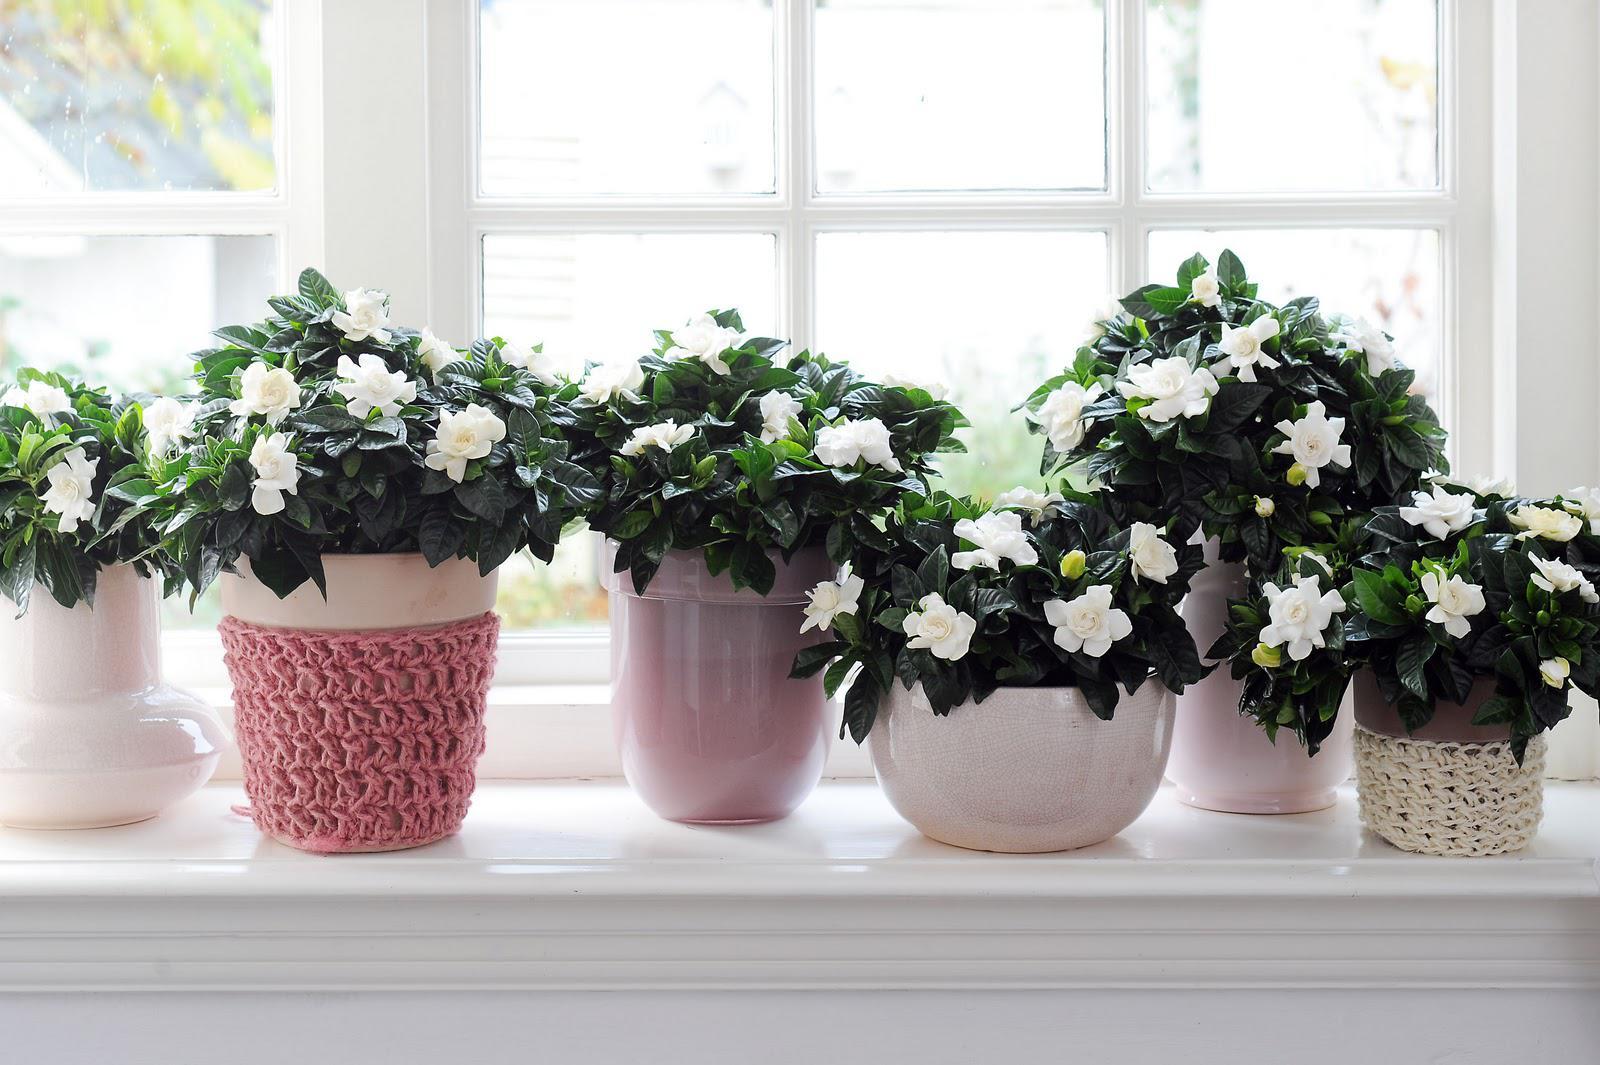 Устраиваем миниатюрный сад у окна из некапризных домашних растений